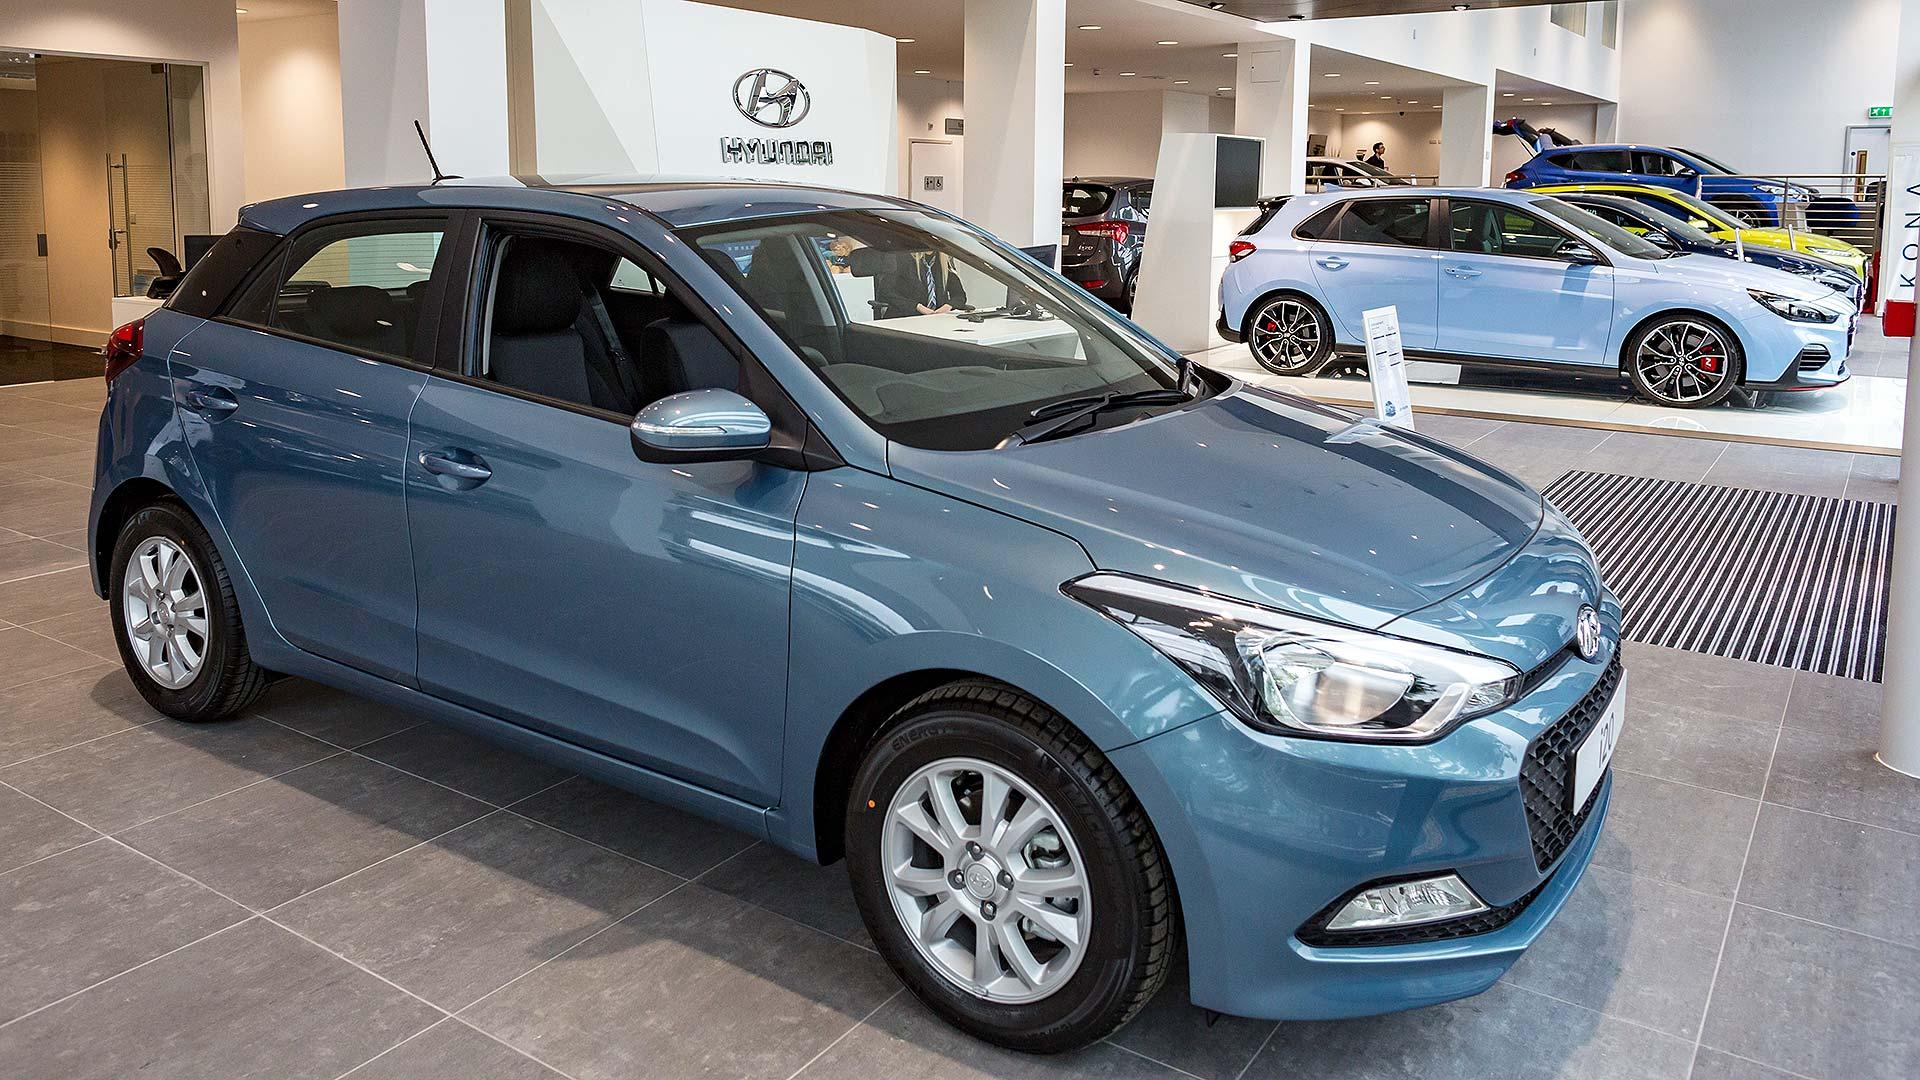 Hyundai new car dealer